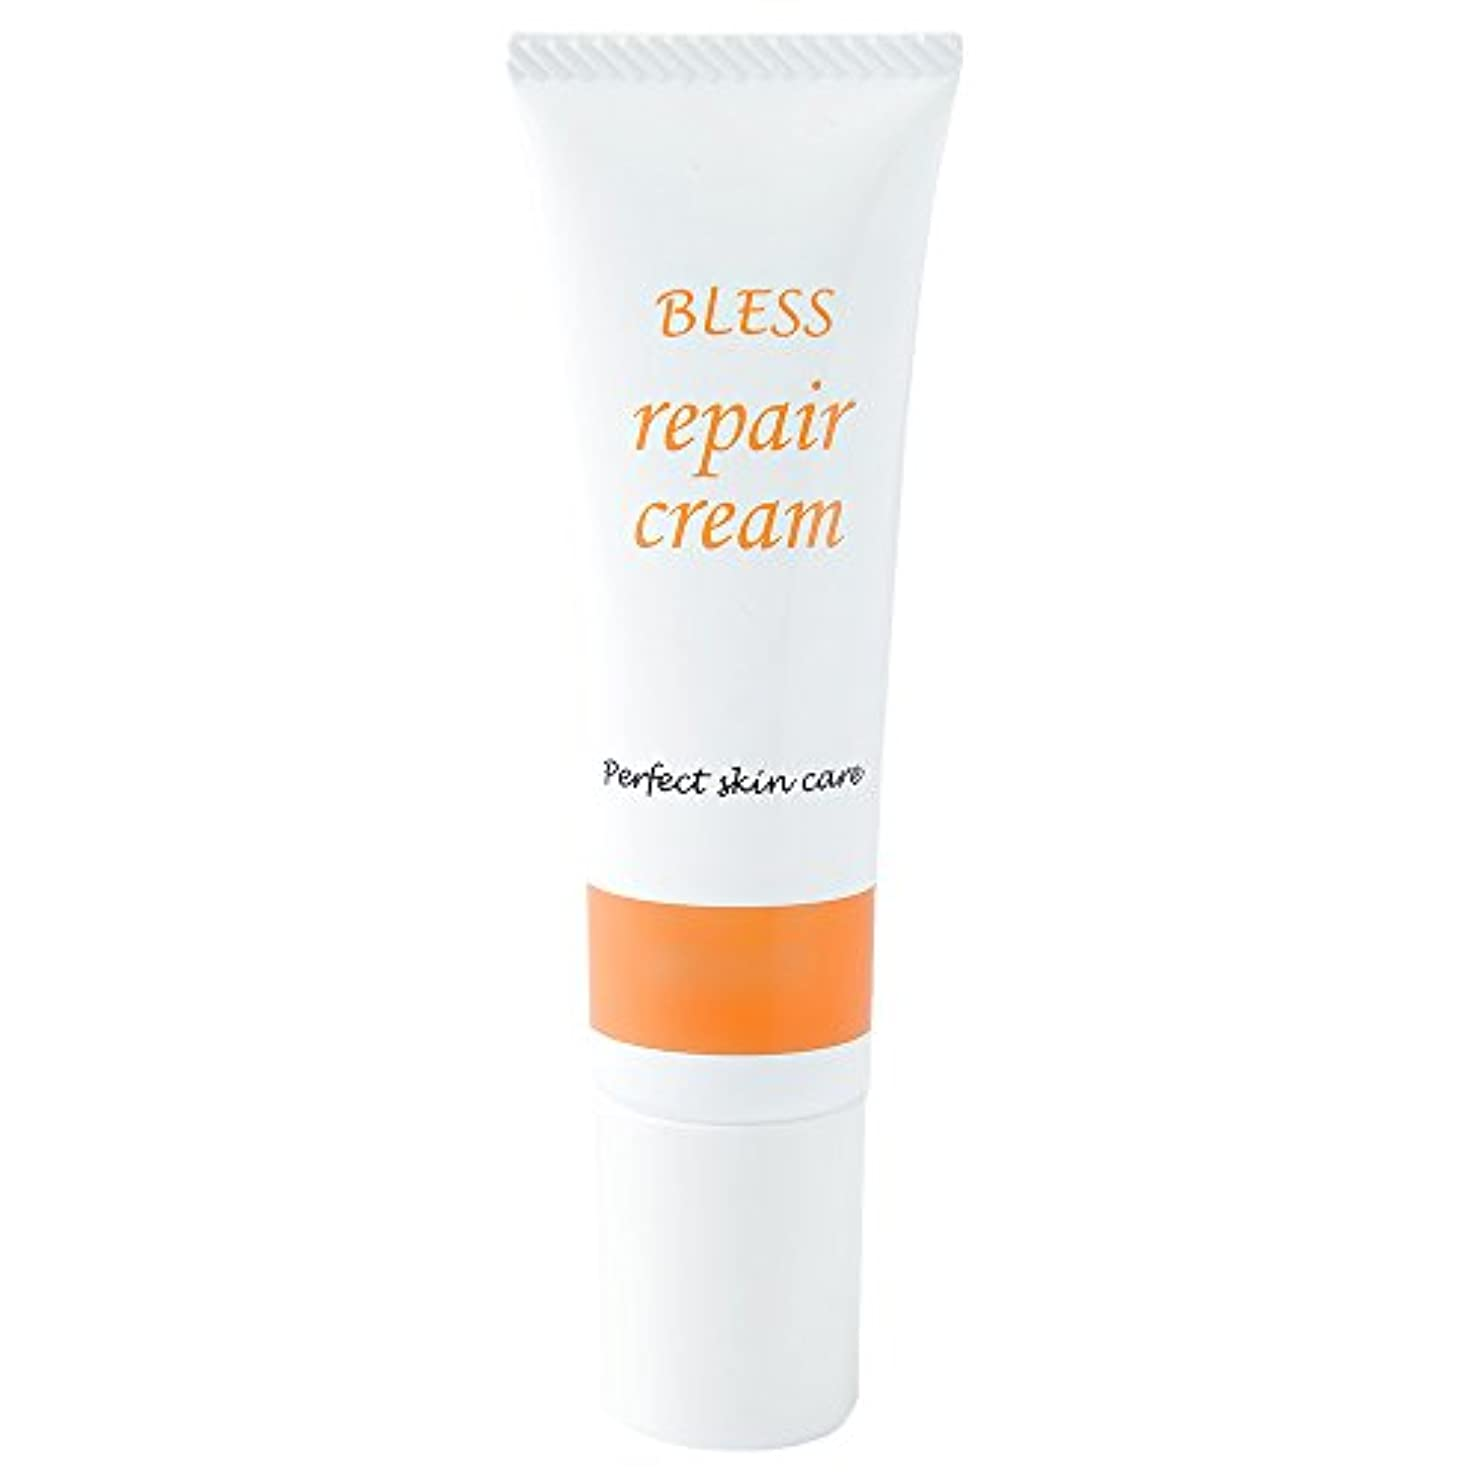 ワーム立ち寄るクスコ【BLESS】 しわ 対策用 エイジング リペアクリーム 30g 無添加 抗シワ評価試験済み製品 日本製 美容液